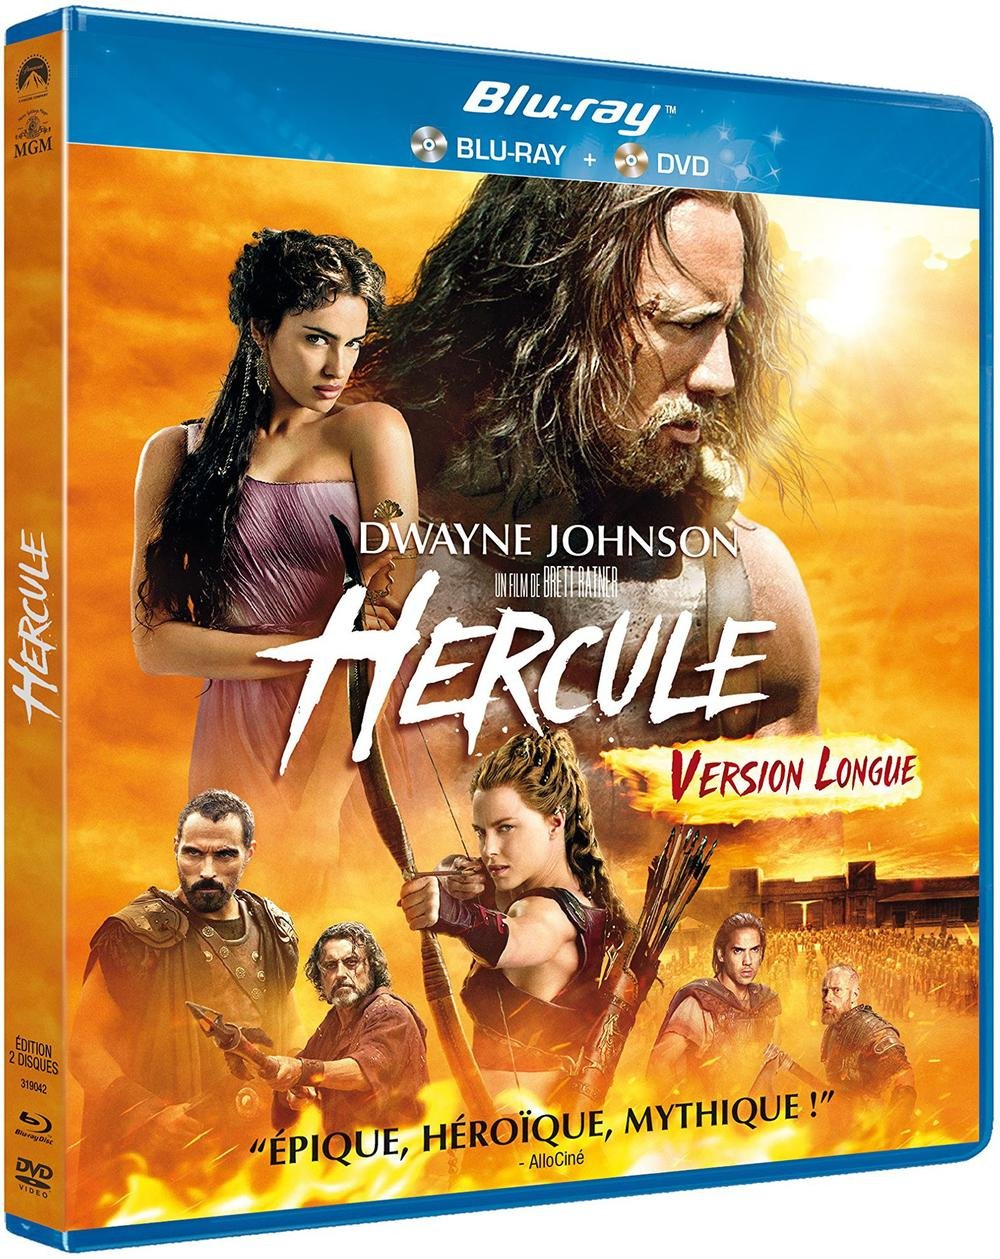 Hercule - Hercules -  2014 - Brett Ratner 811gbzuKodL._SL1259_